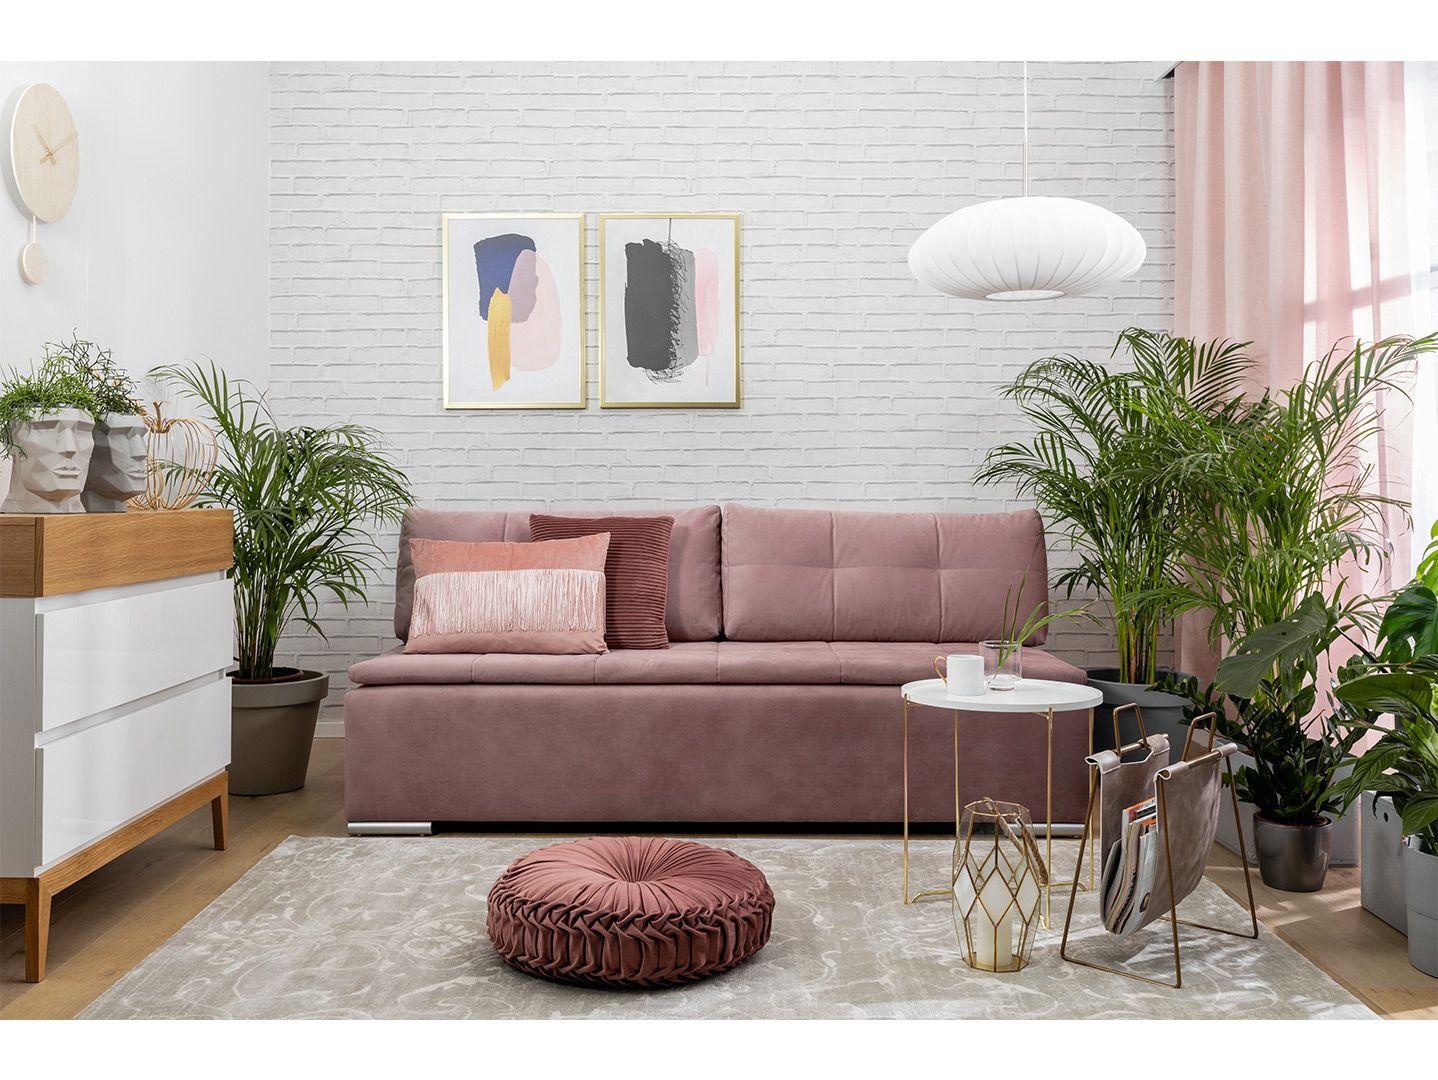 Sofa Lango z funkcją spania i pojemnikiem na pościel doskonale sprawdzi się w niedużym salonie, w którym liczy się każdy metr powierzchni. Fot. Black Red White